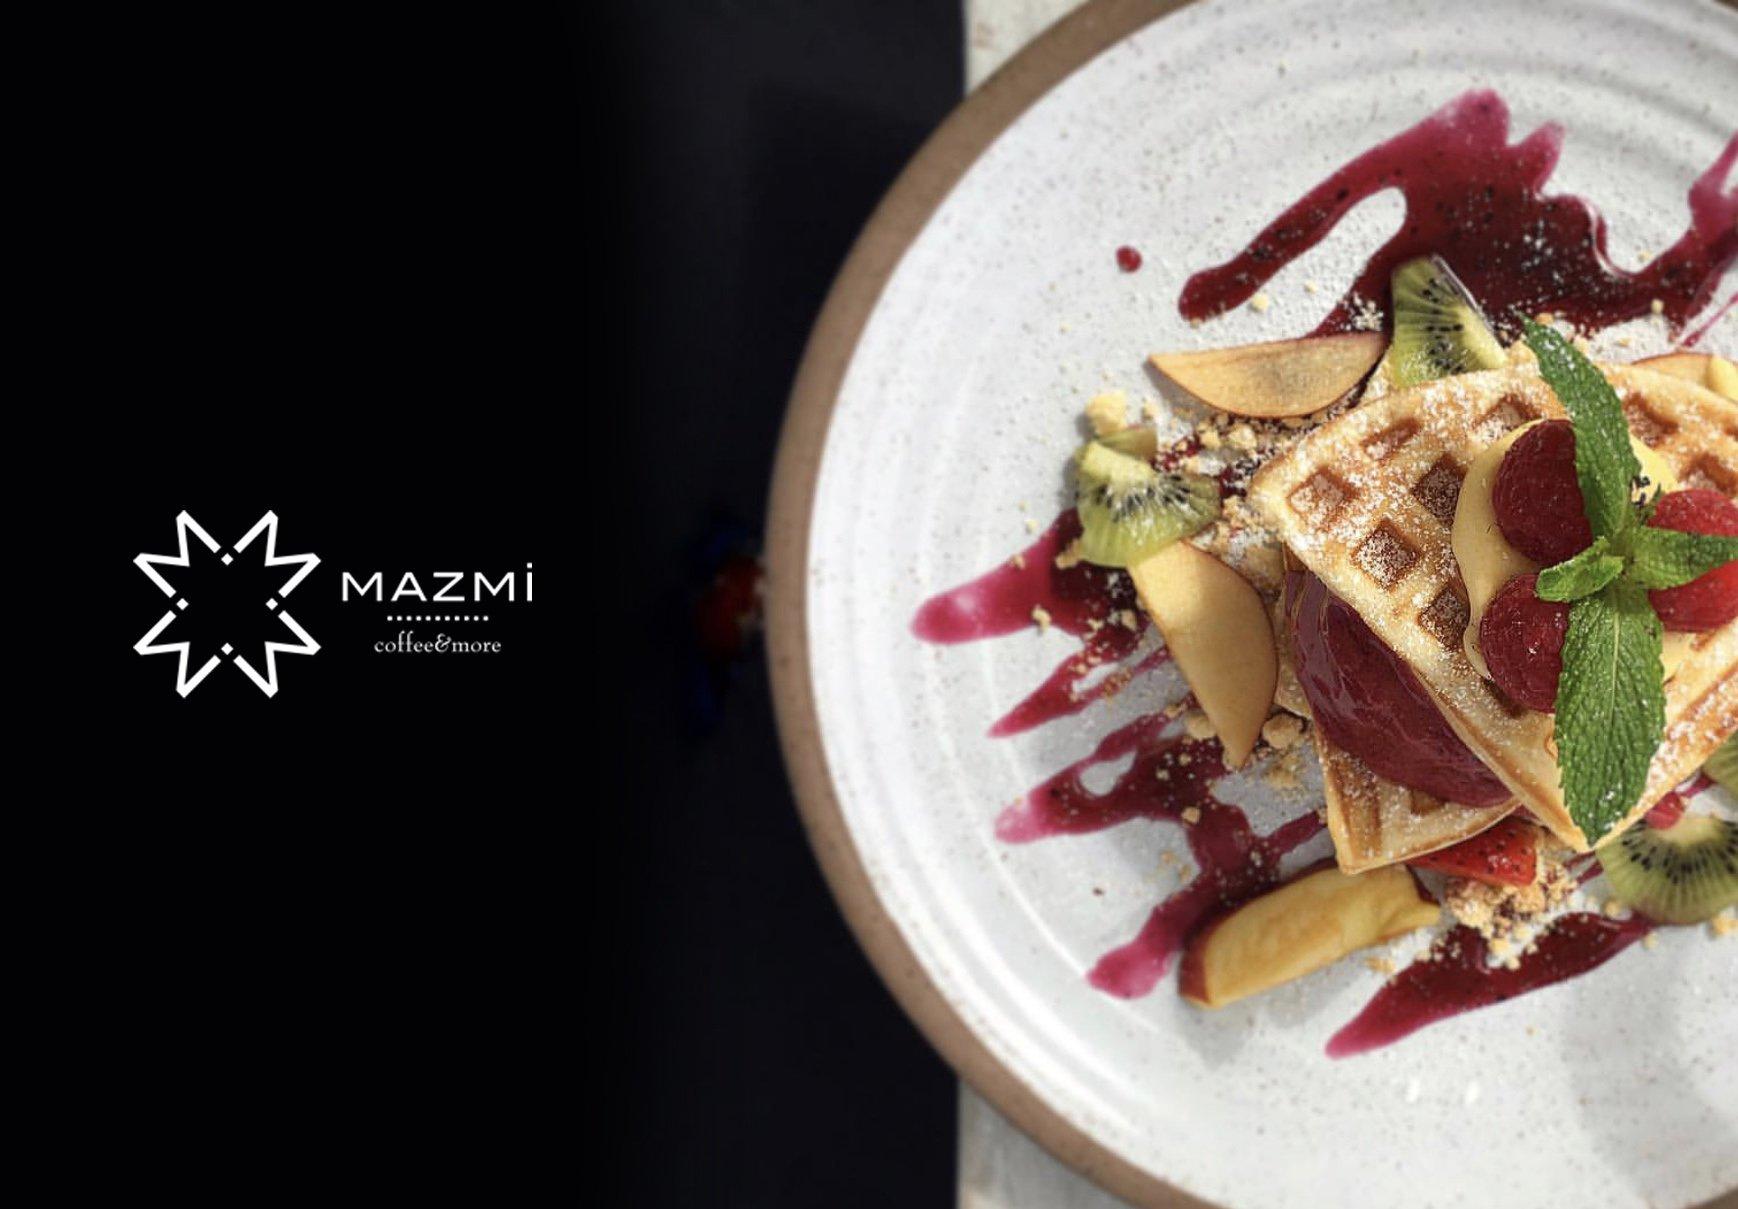 Mazmi Cafe